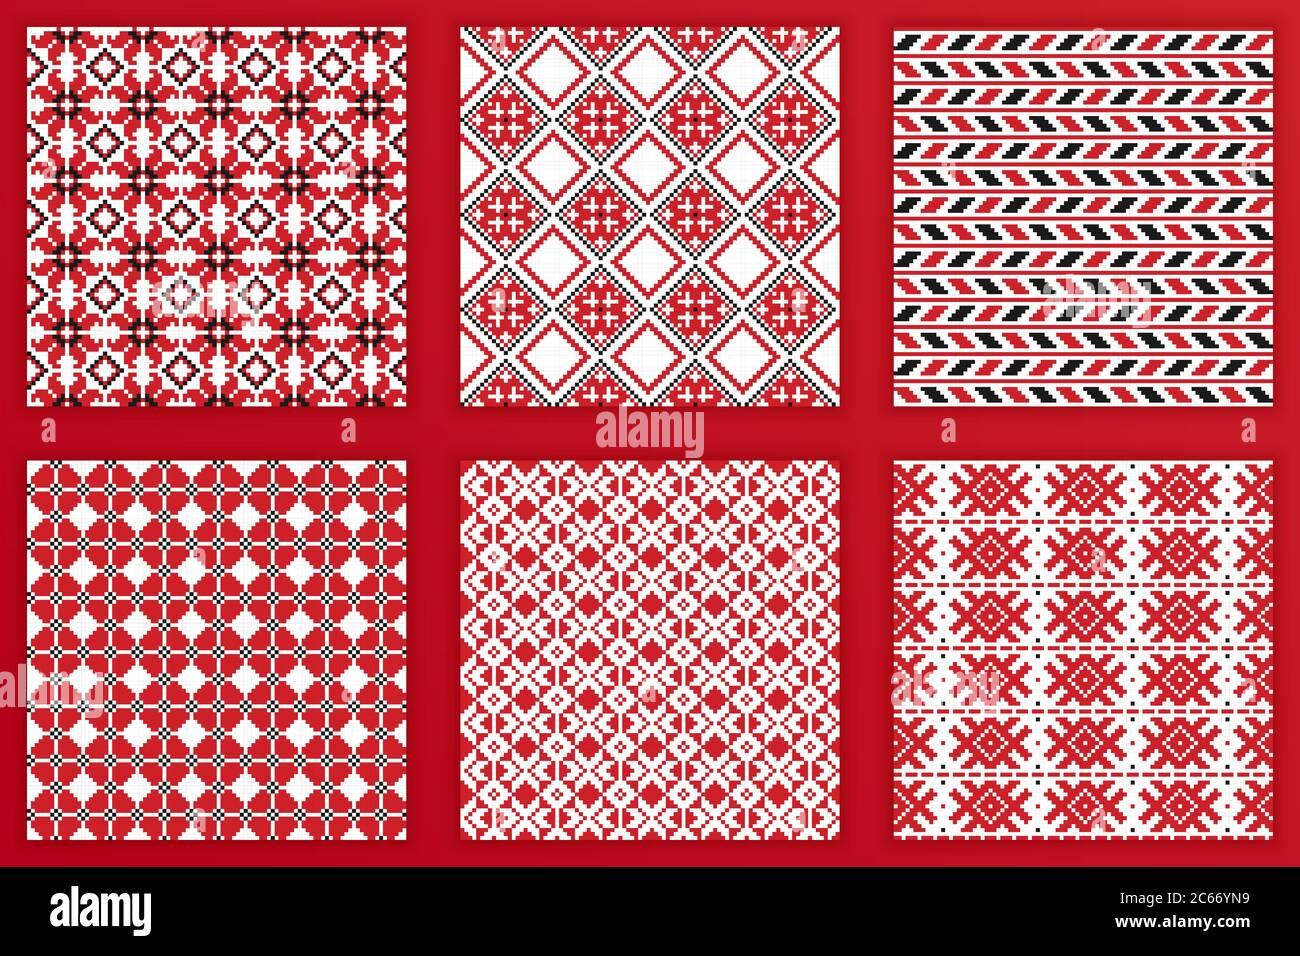 Ensemble de motifs géométriques sans couture slaves. Illustration vectorielle des fonds de broderie slaves tileable pour vos projets de conception Illustration de Vecteur